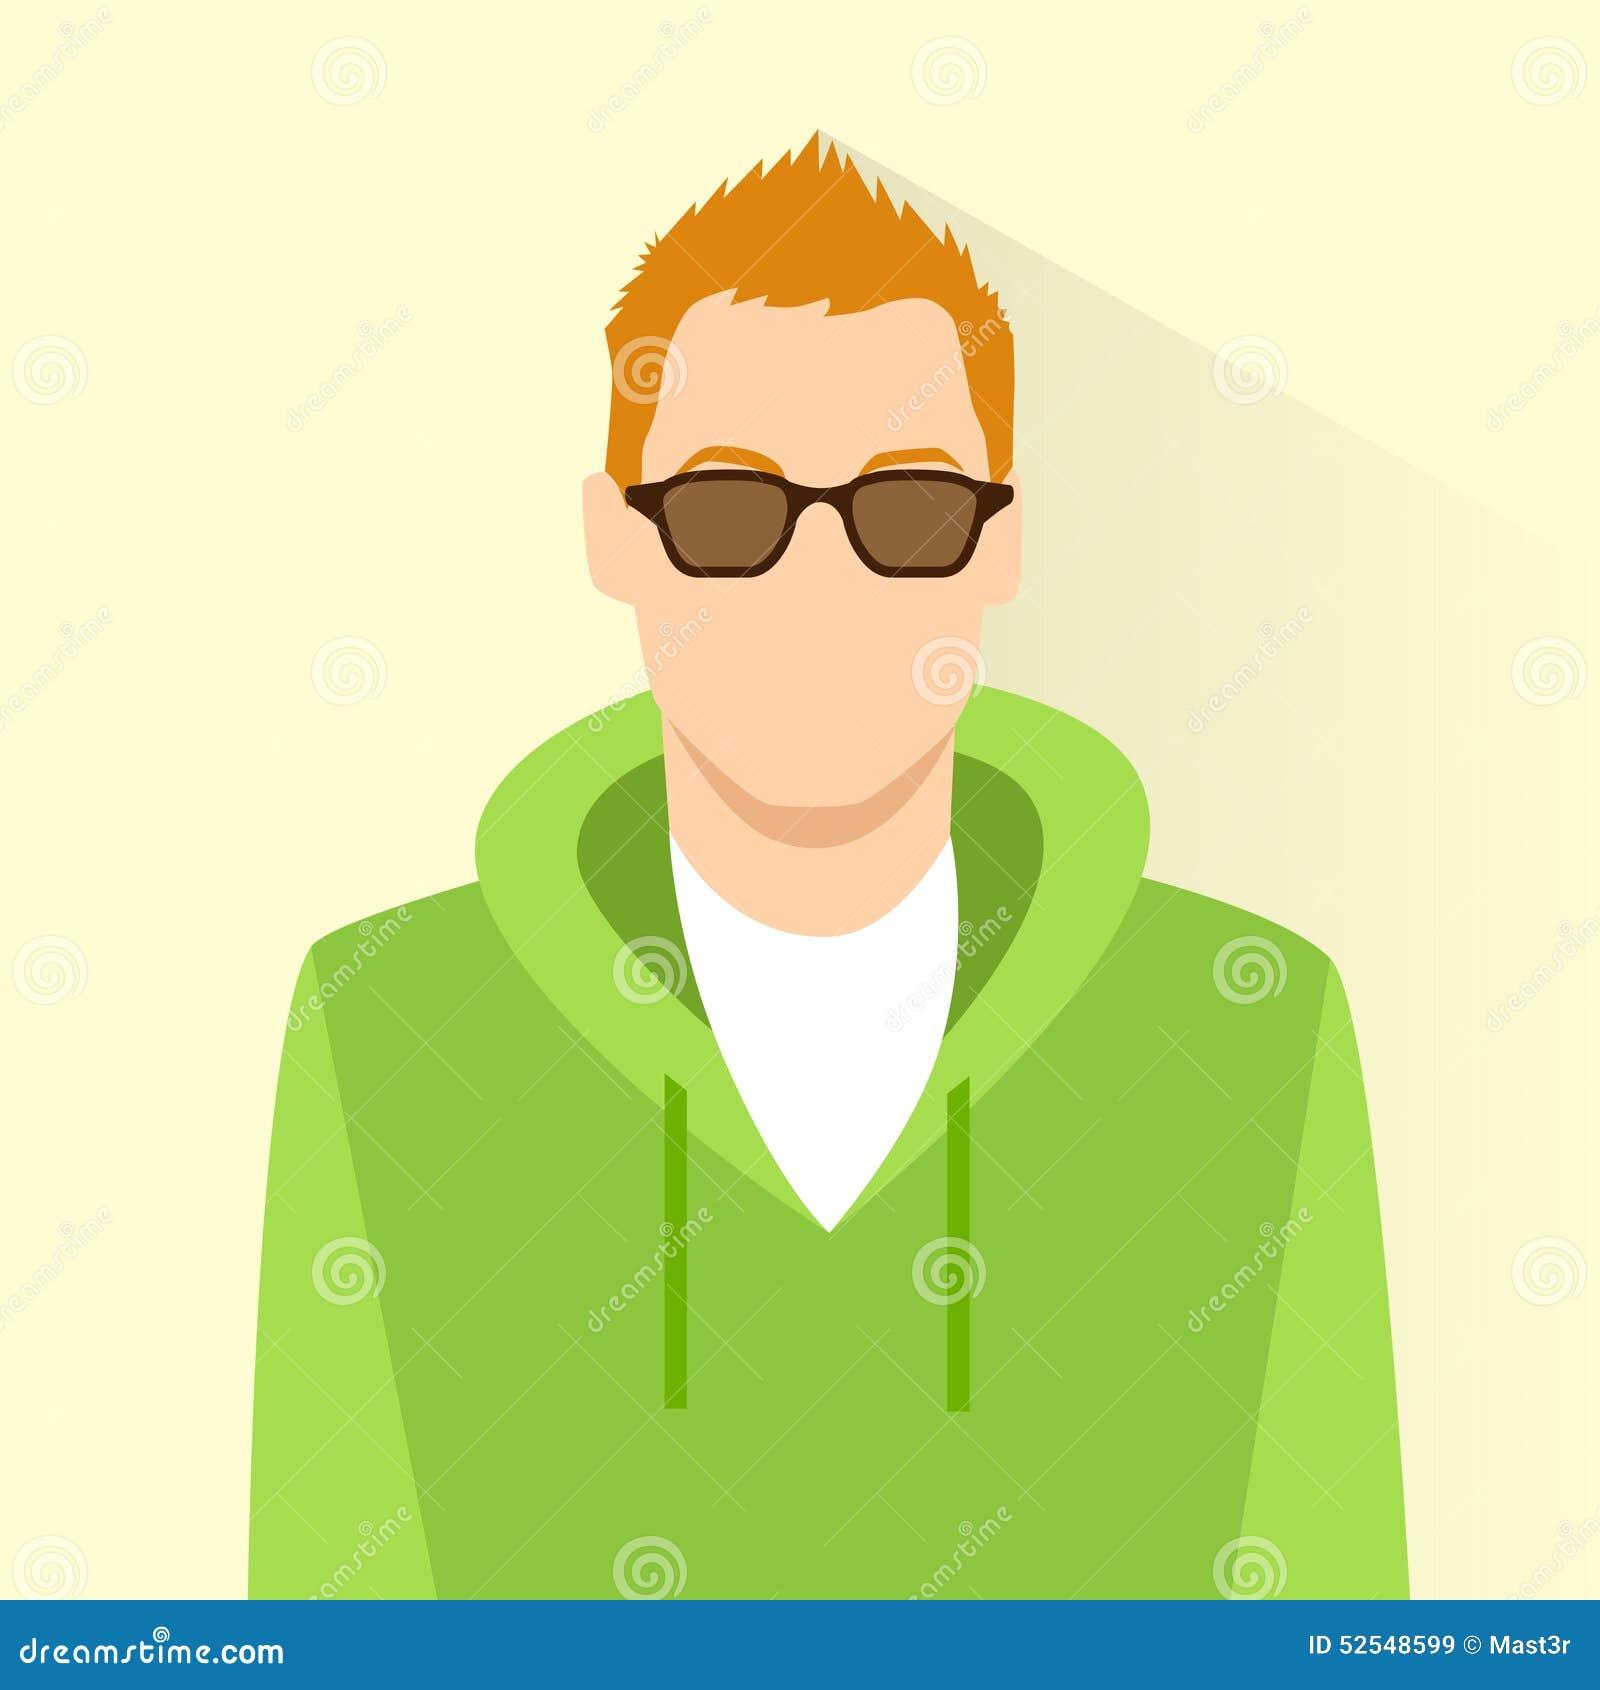 Developer Avatar: Profile Icon Male Wear Glasses Avatar Portrait Stock